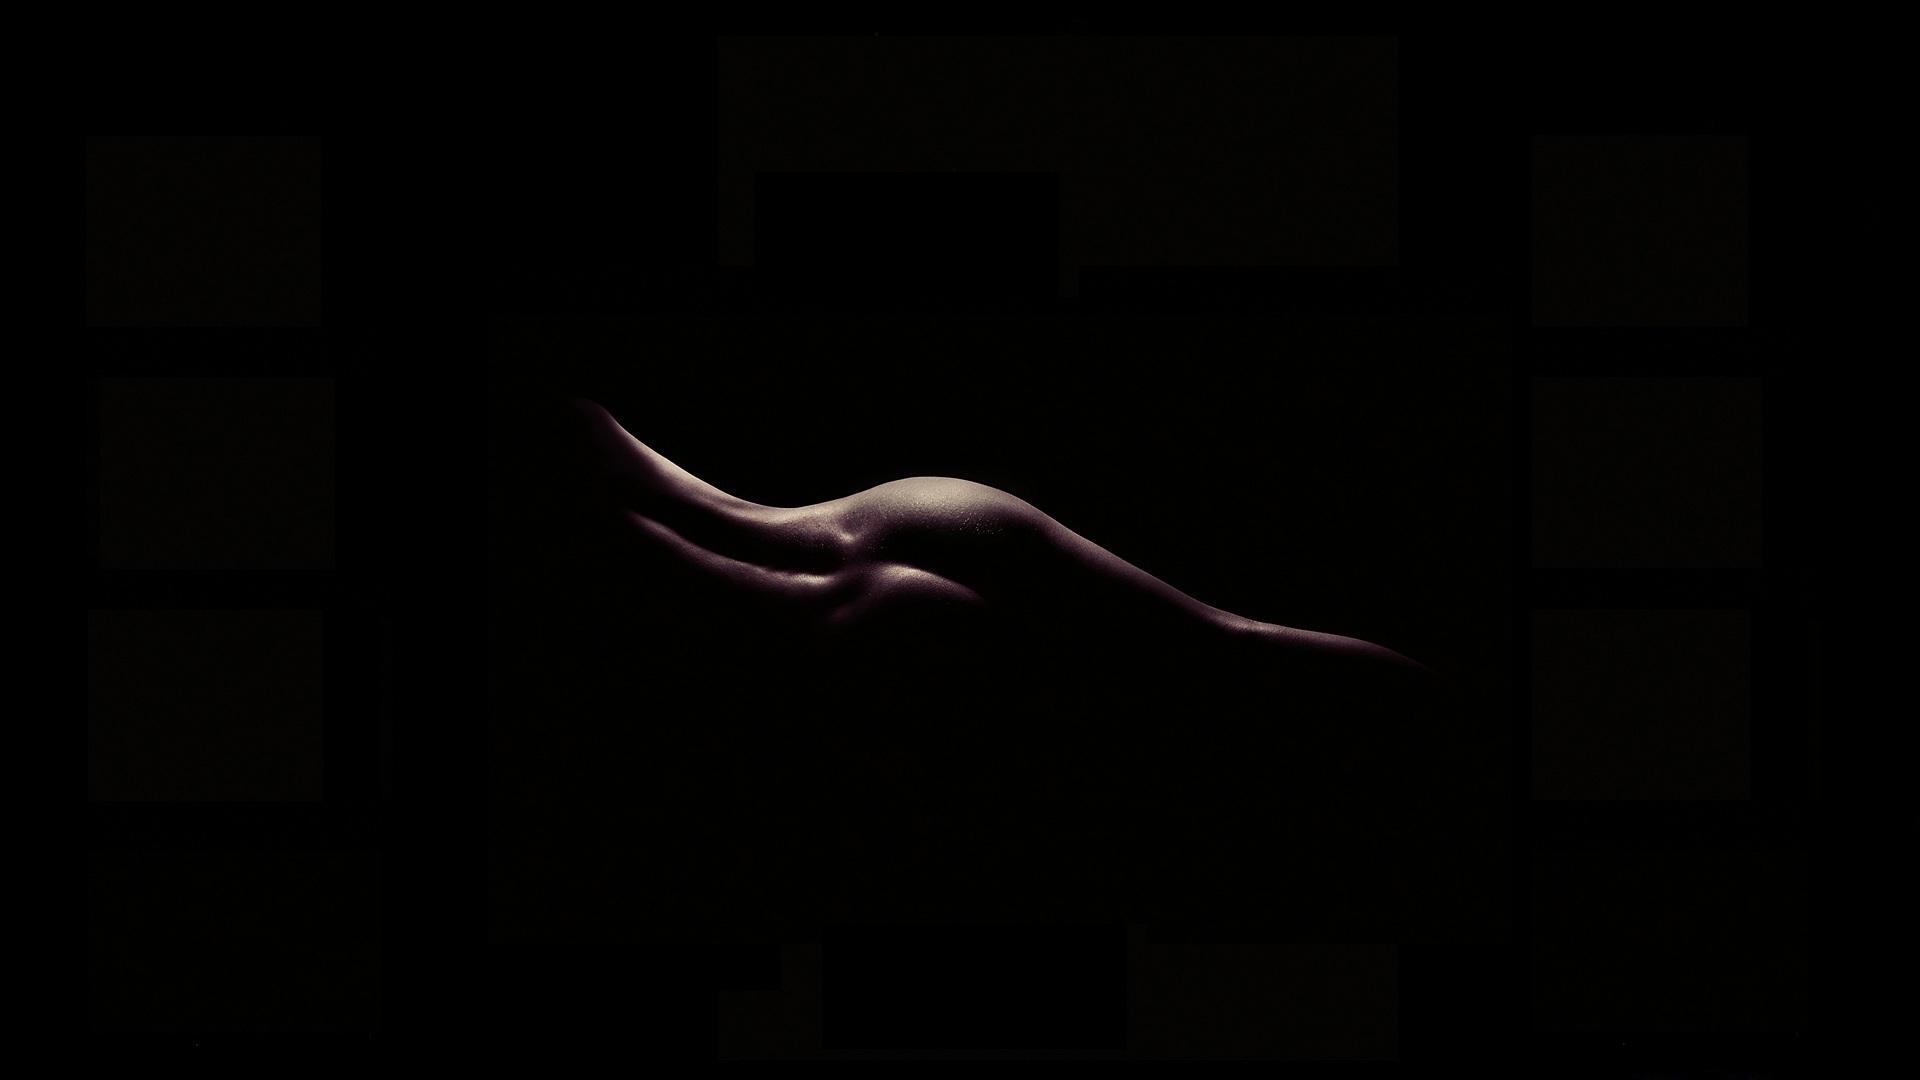 Обои чёрный, очертание, тело. Разное foto 8